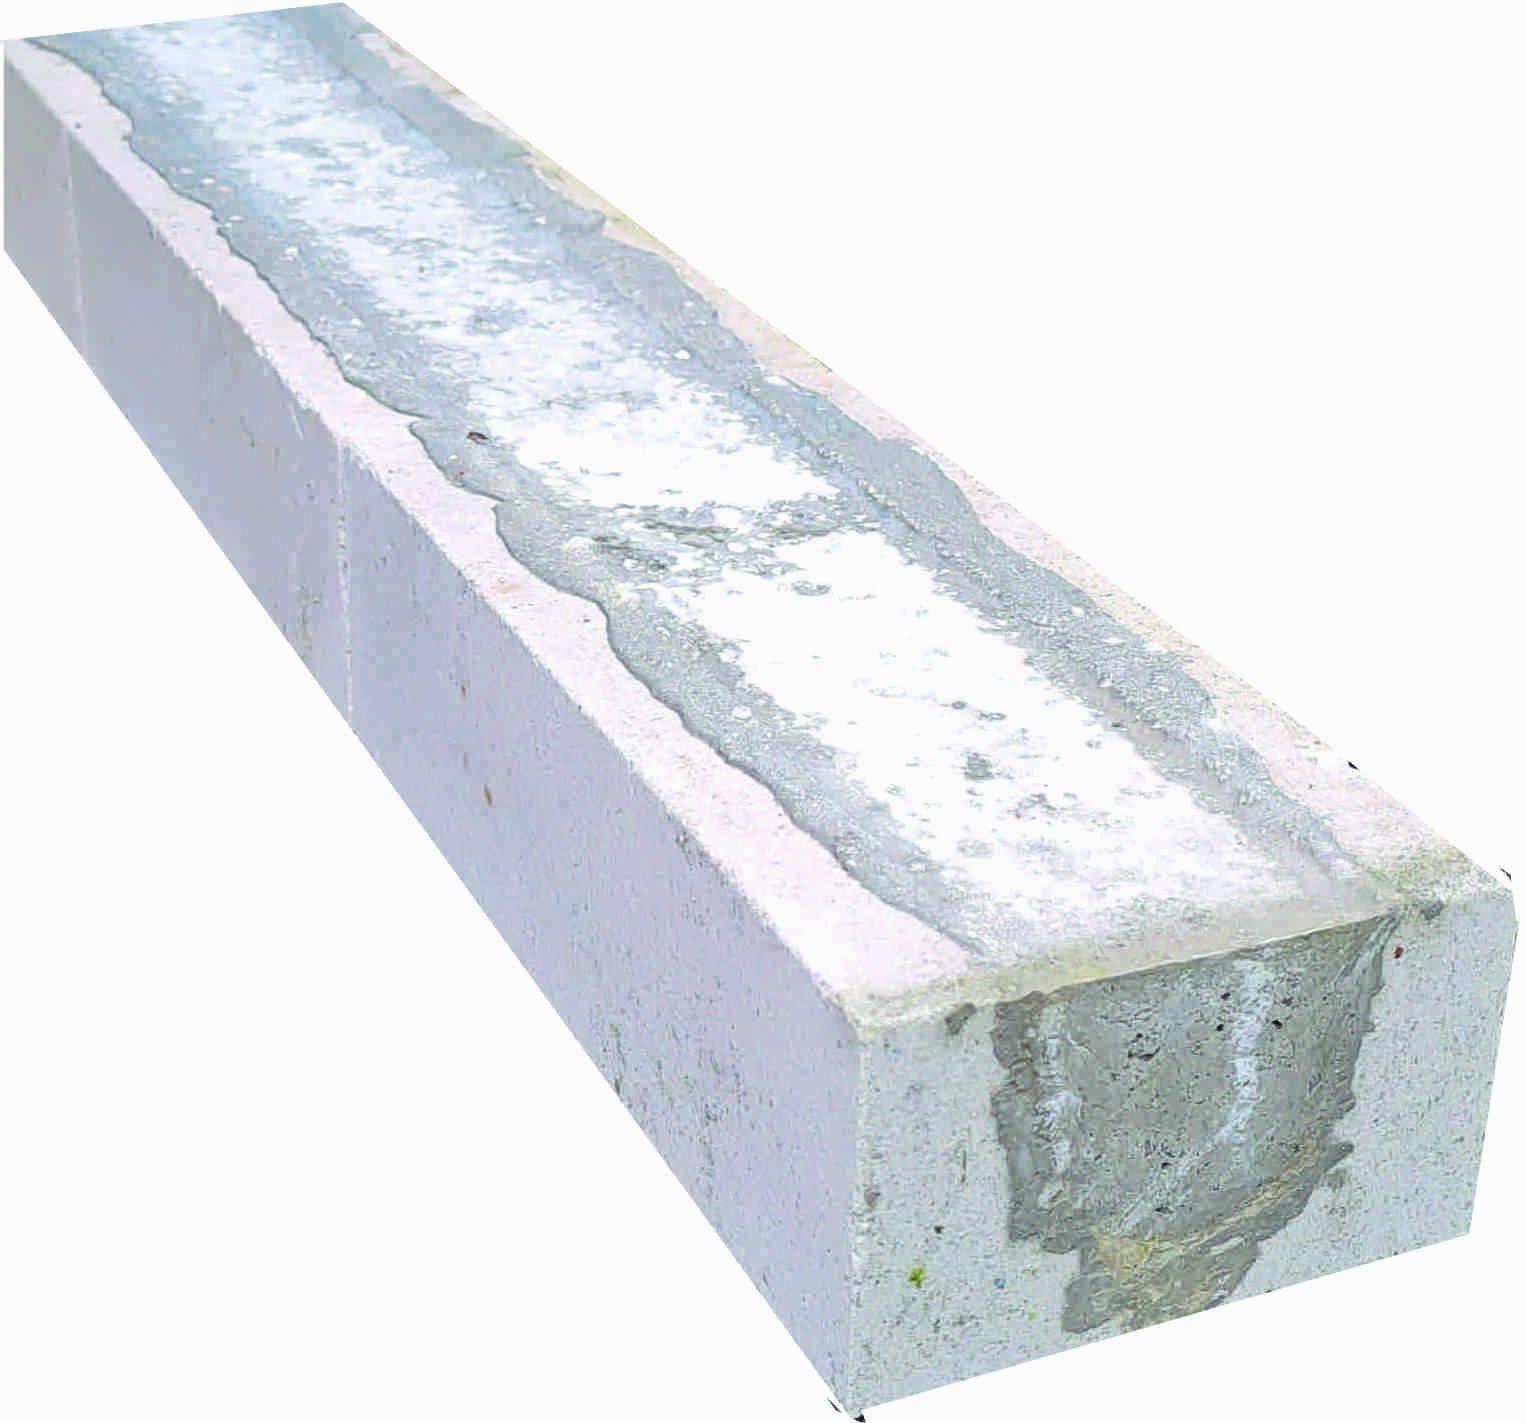 Kalksandsteinstürze NF 7,1 x 11,5 cm 1,50 m